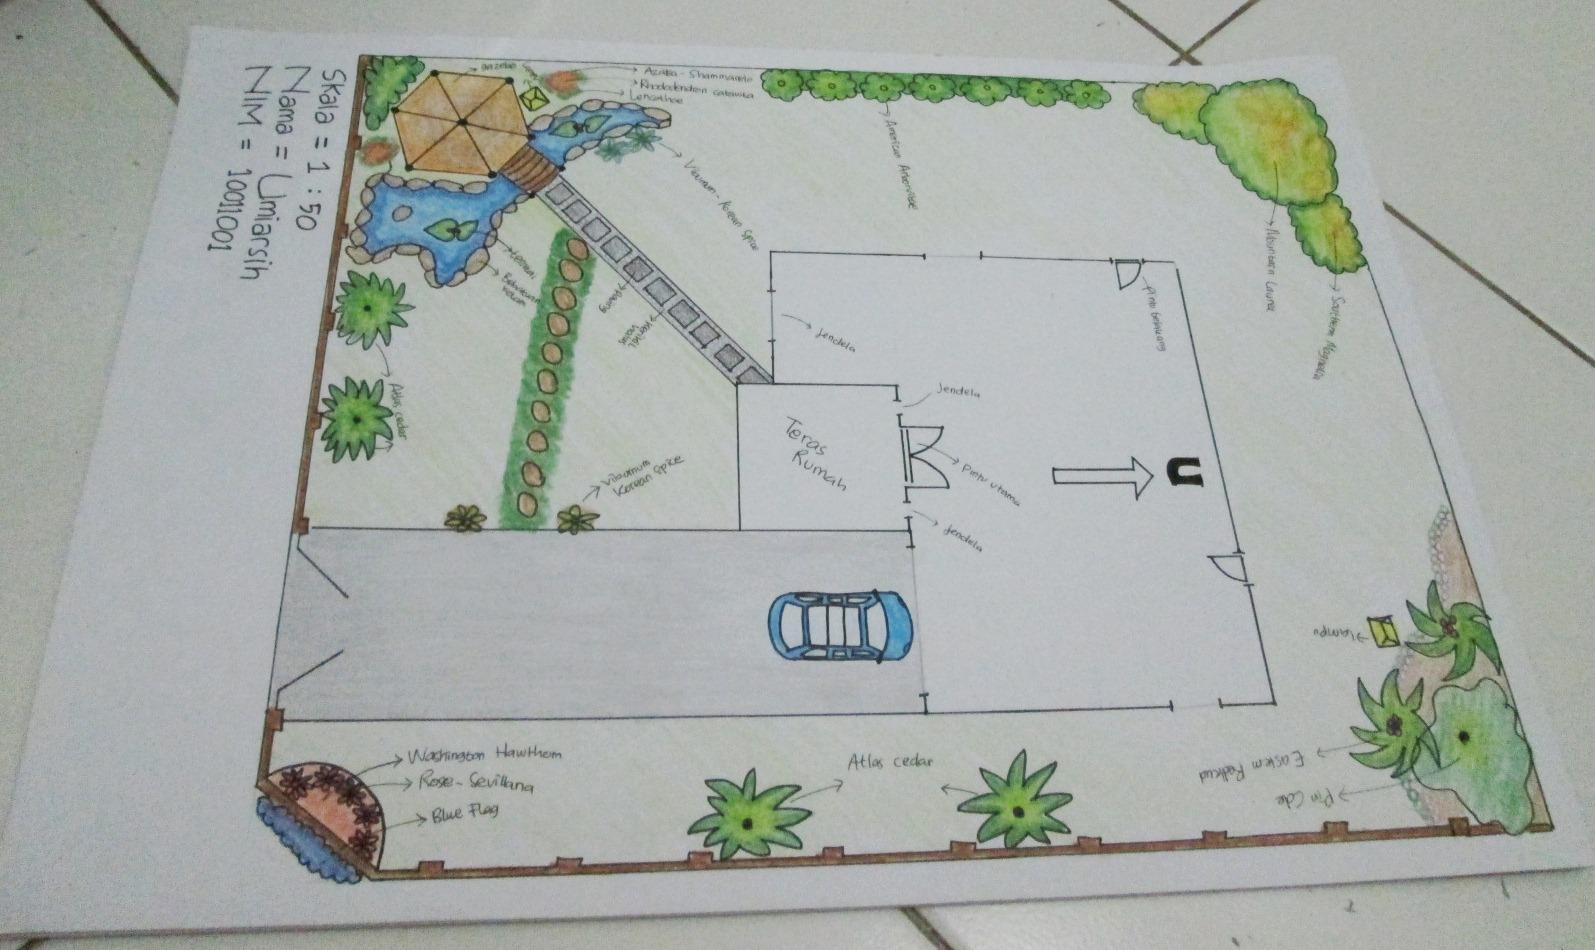 Permalink to Contoh 18+ Menarik Sketsa Desain Taman Tampak Atas